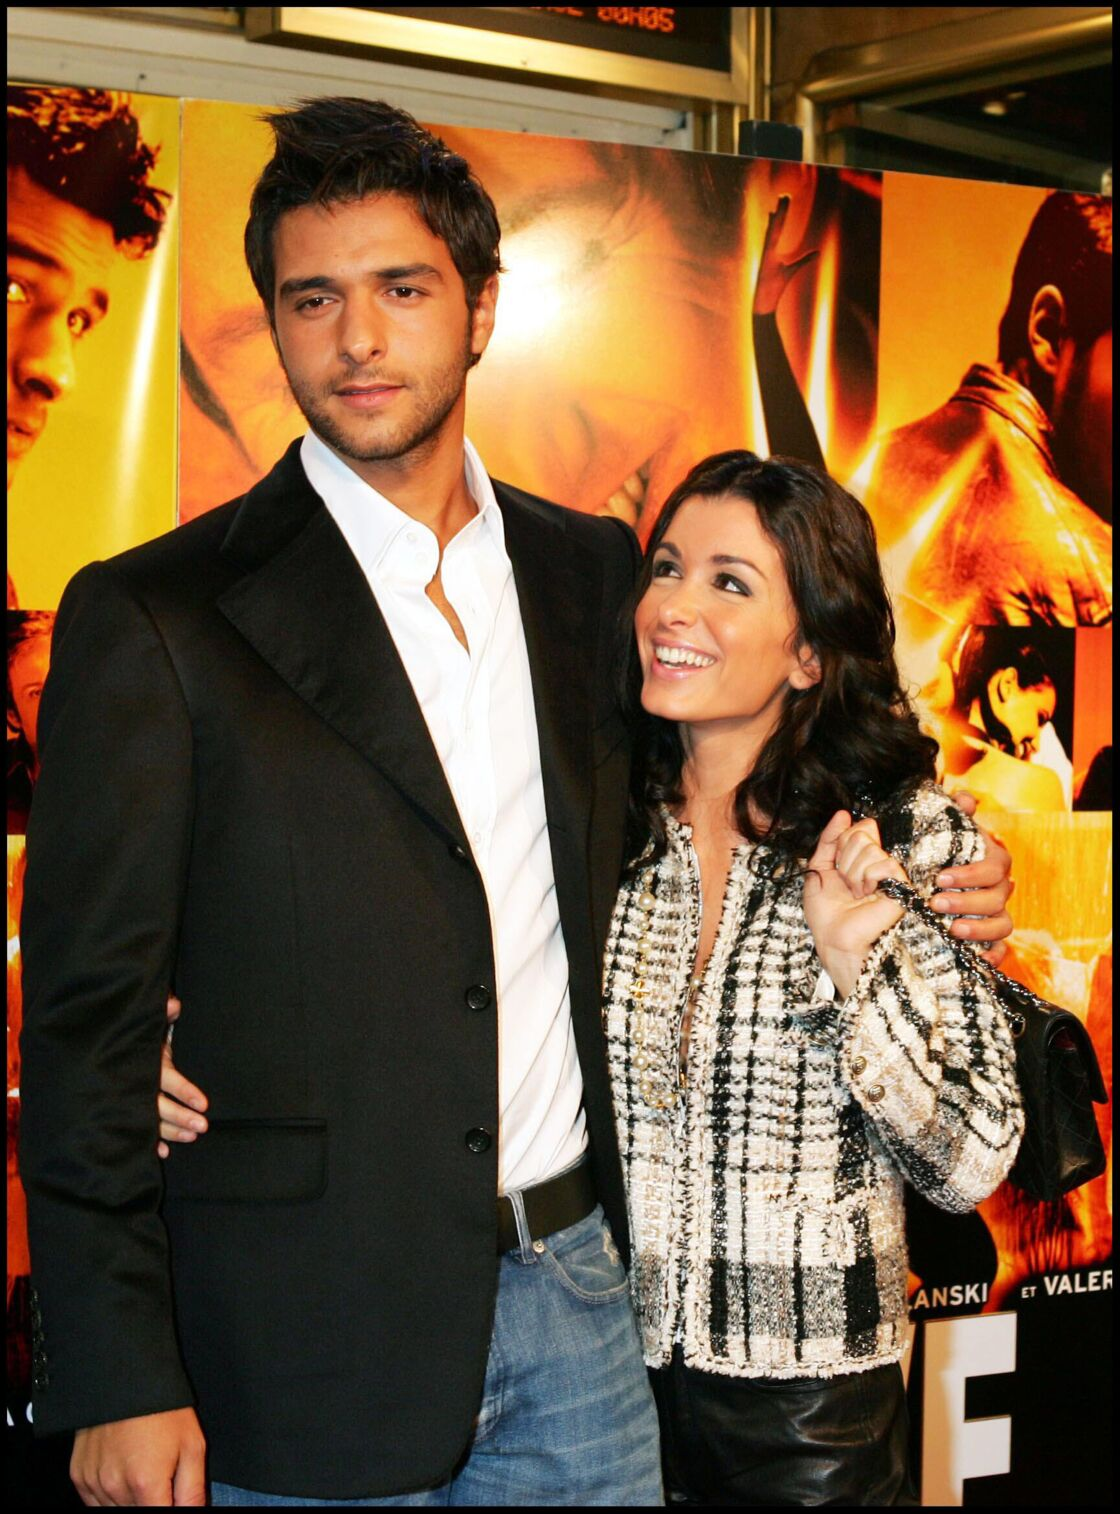 Jenifer, dévorant des yeux son amoureux, Maxim Nucci en 2004. Leur fils Aaron était alors âgé de 10 mois